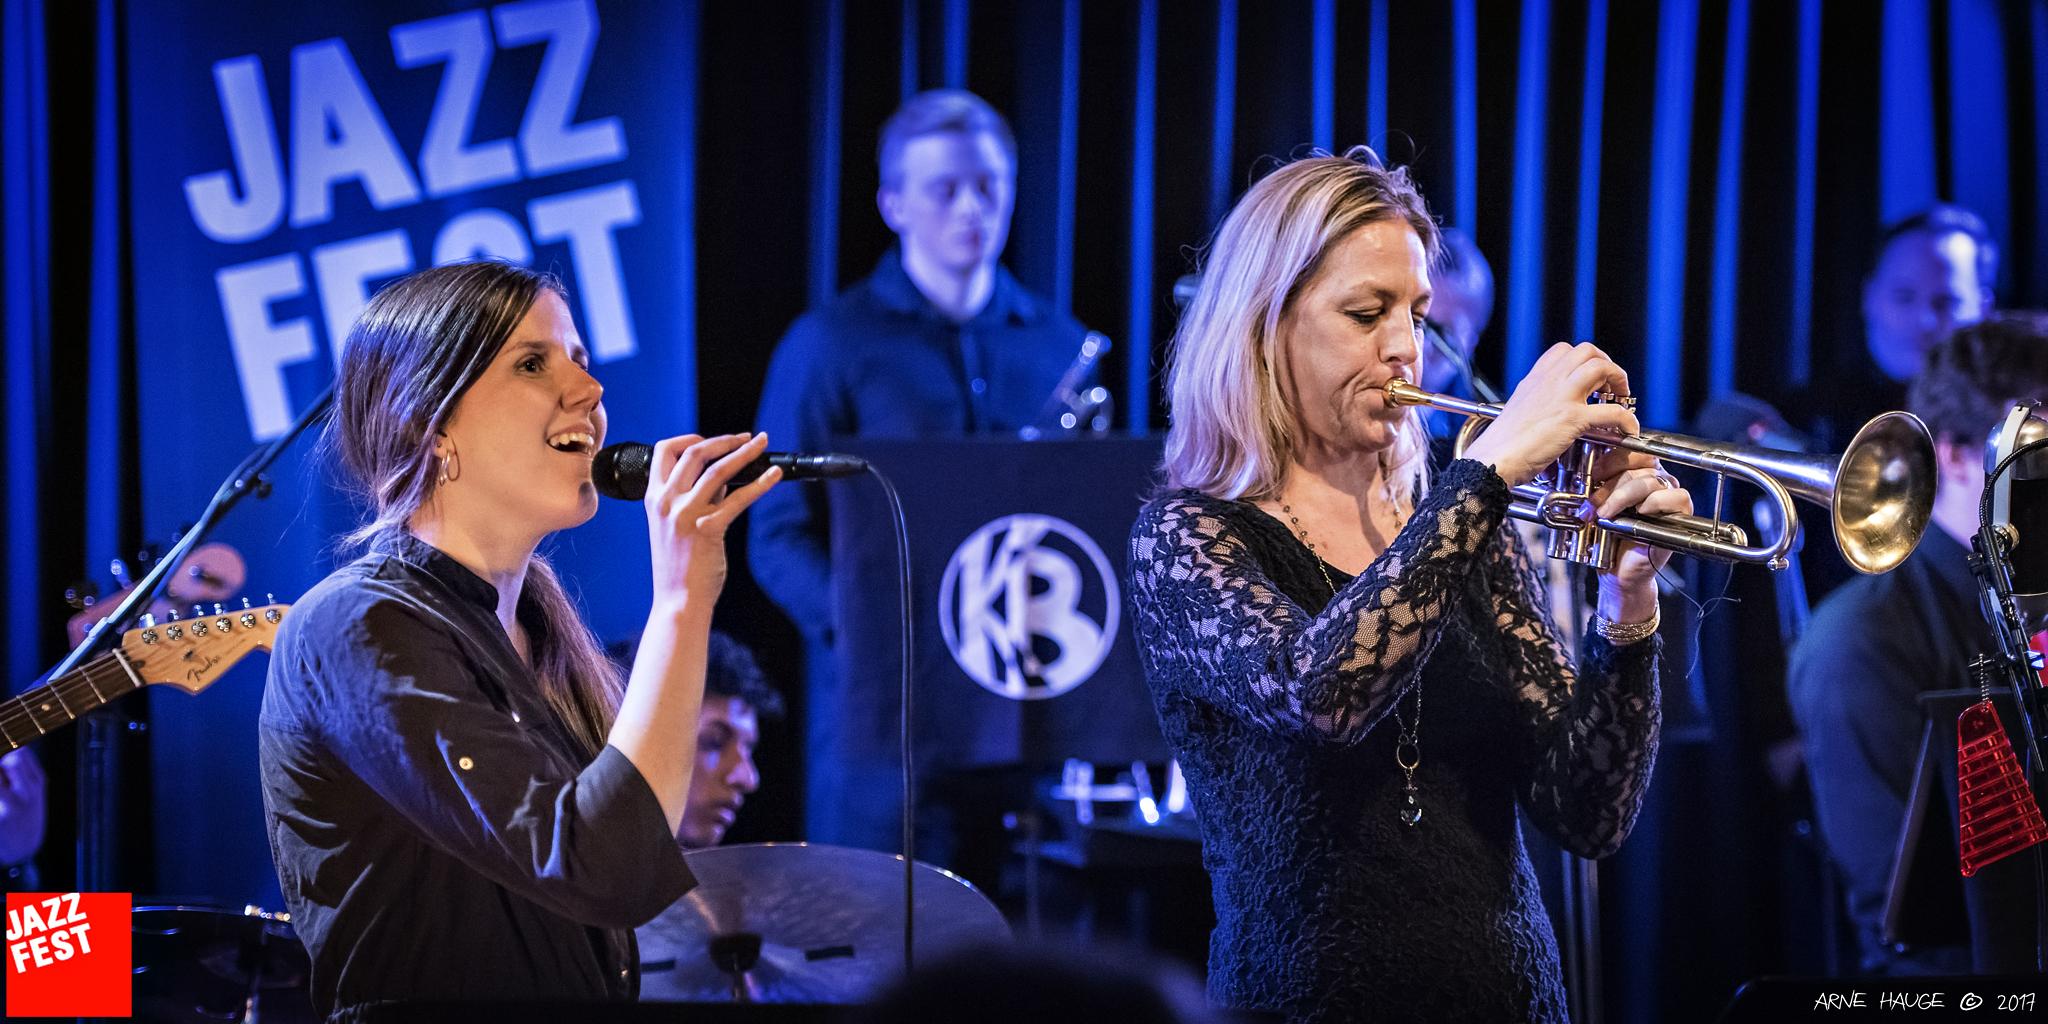 Ingrid Jensen & Kjellerbandet_05.jpg